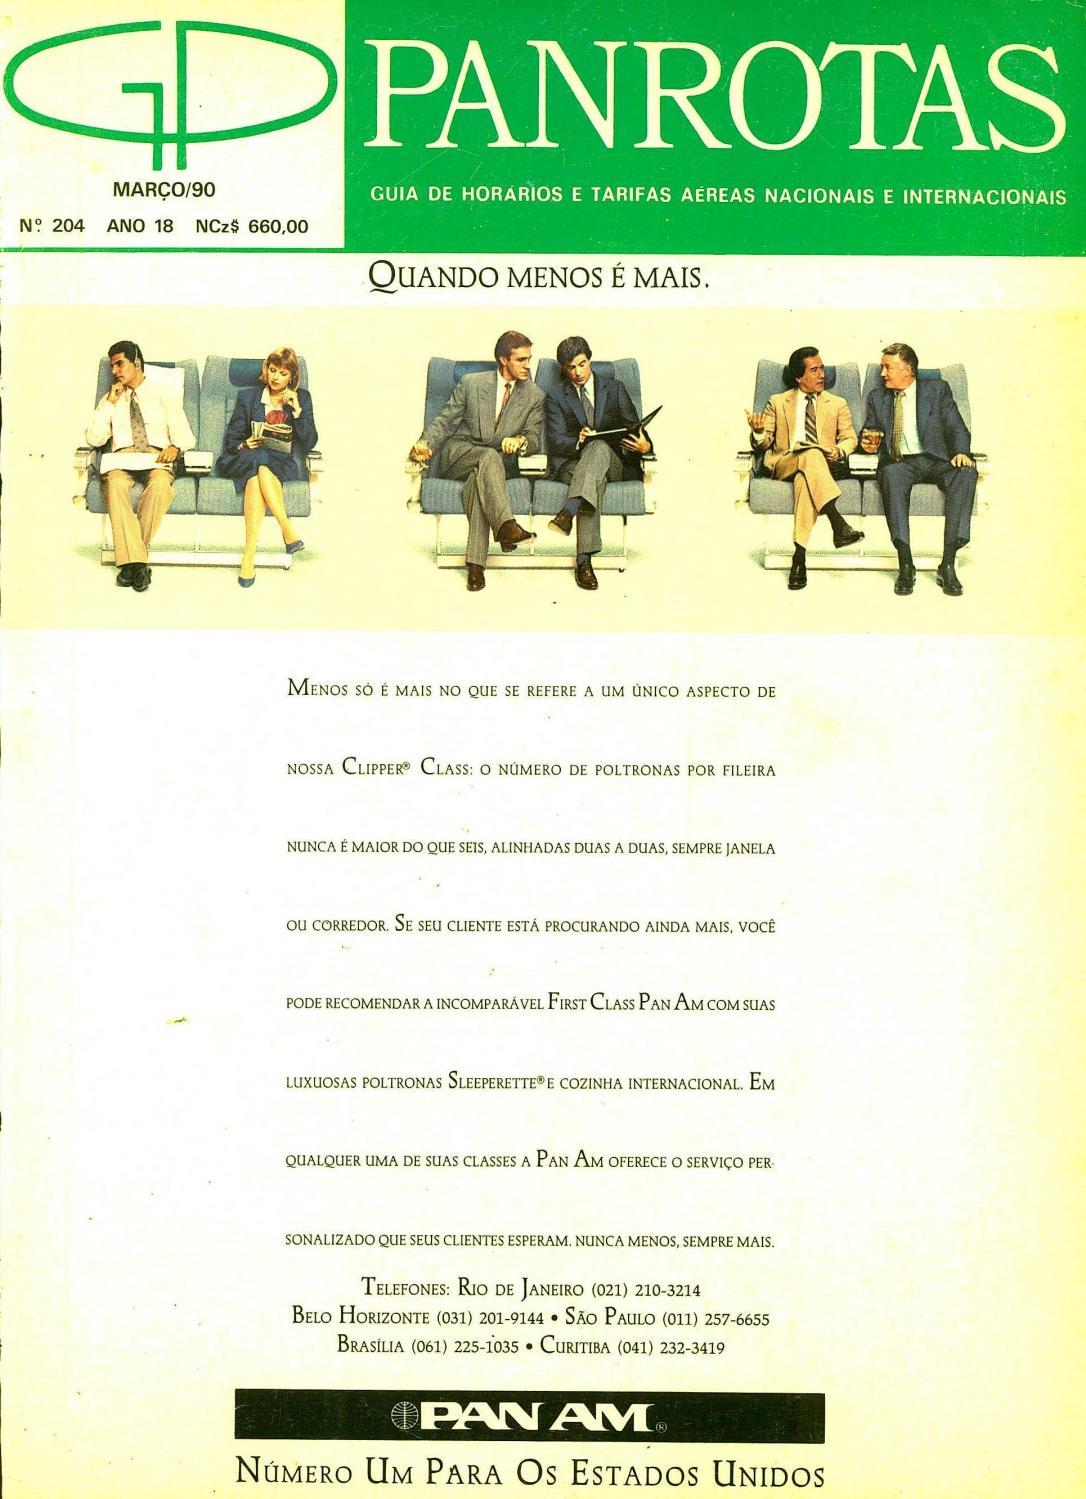 2117e81e3f Guia PANROTAS - Edição 204 - Março 1990 by PANROTAS Editora - issuu